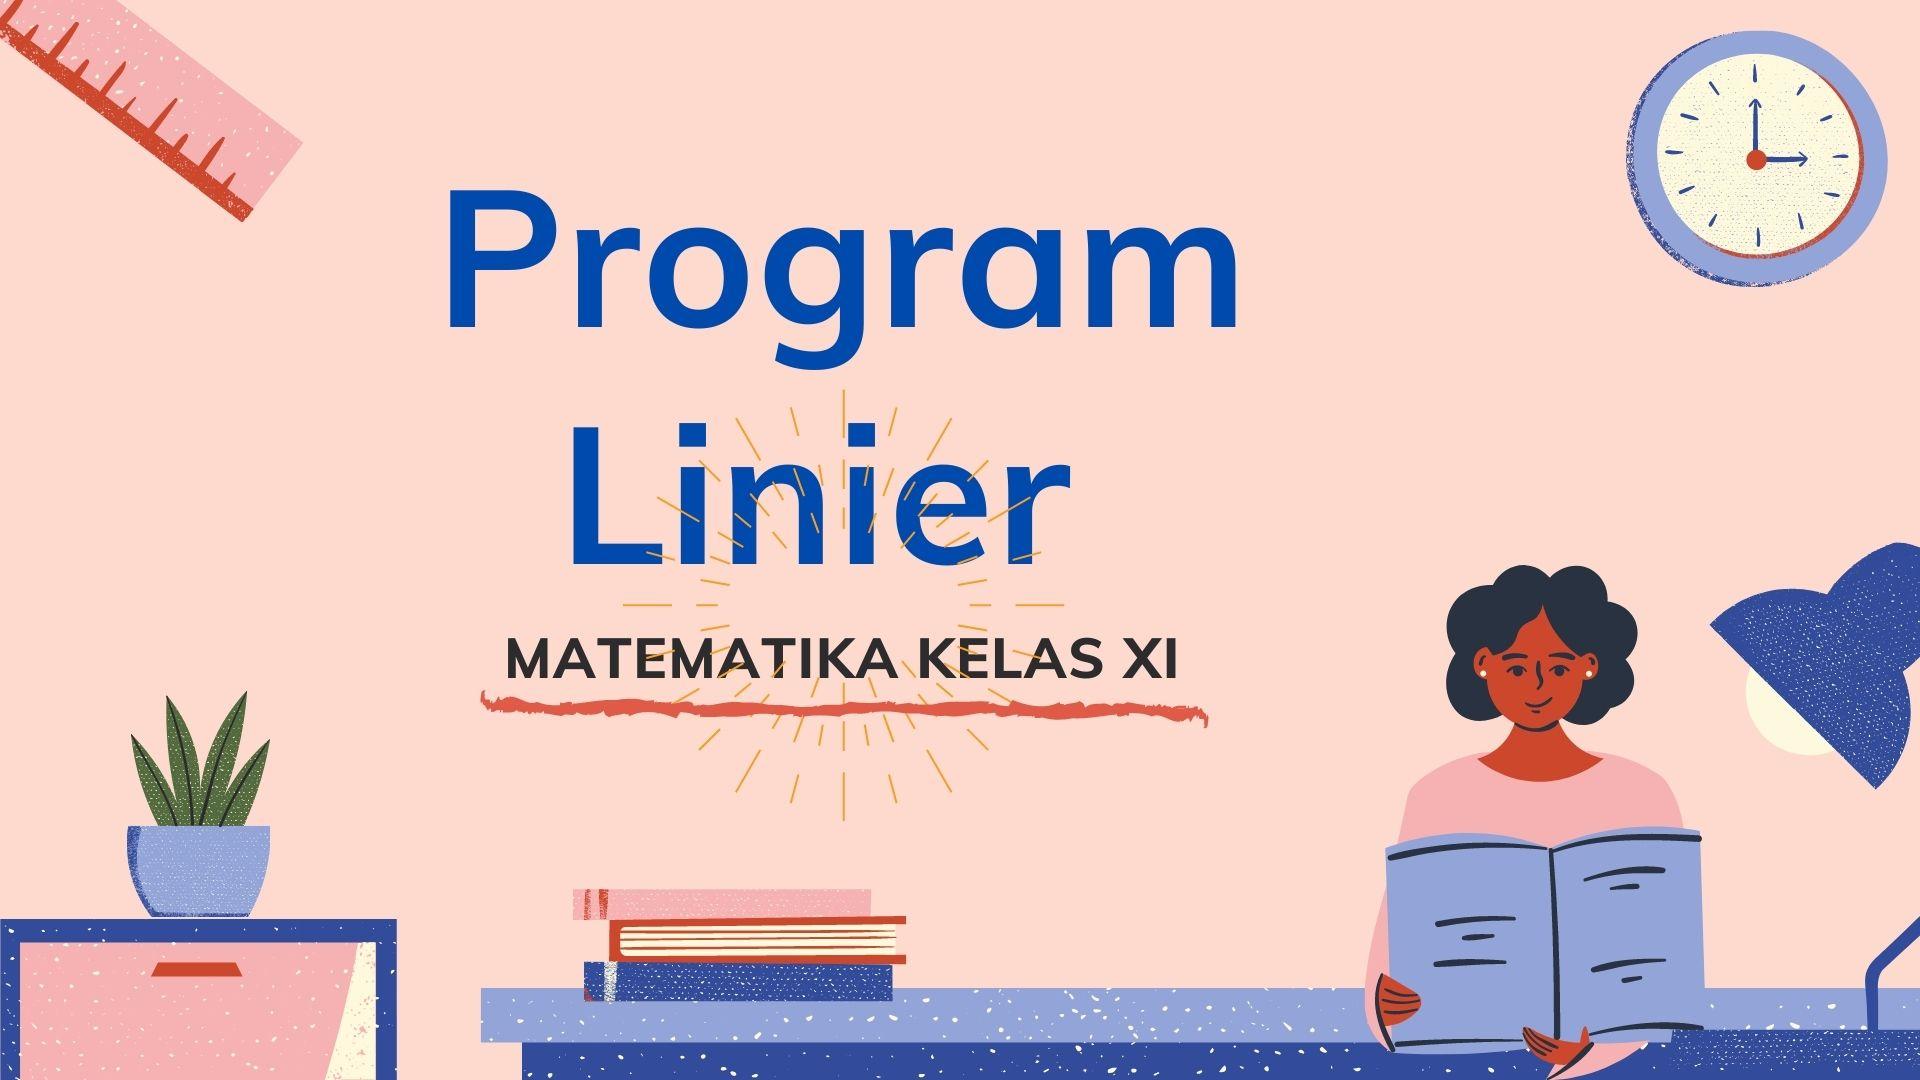 2x 3 y 6000 5x 4 y 11500. Program Linier Contoh Soal Dan Pembahasan Tambah Pinter